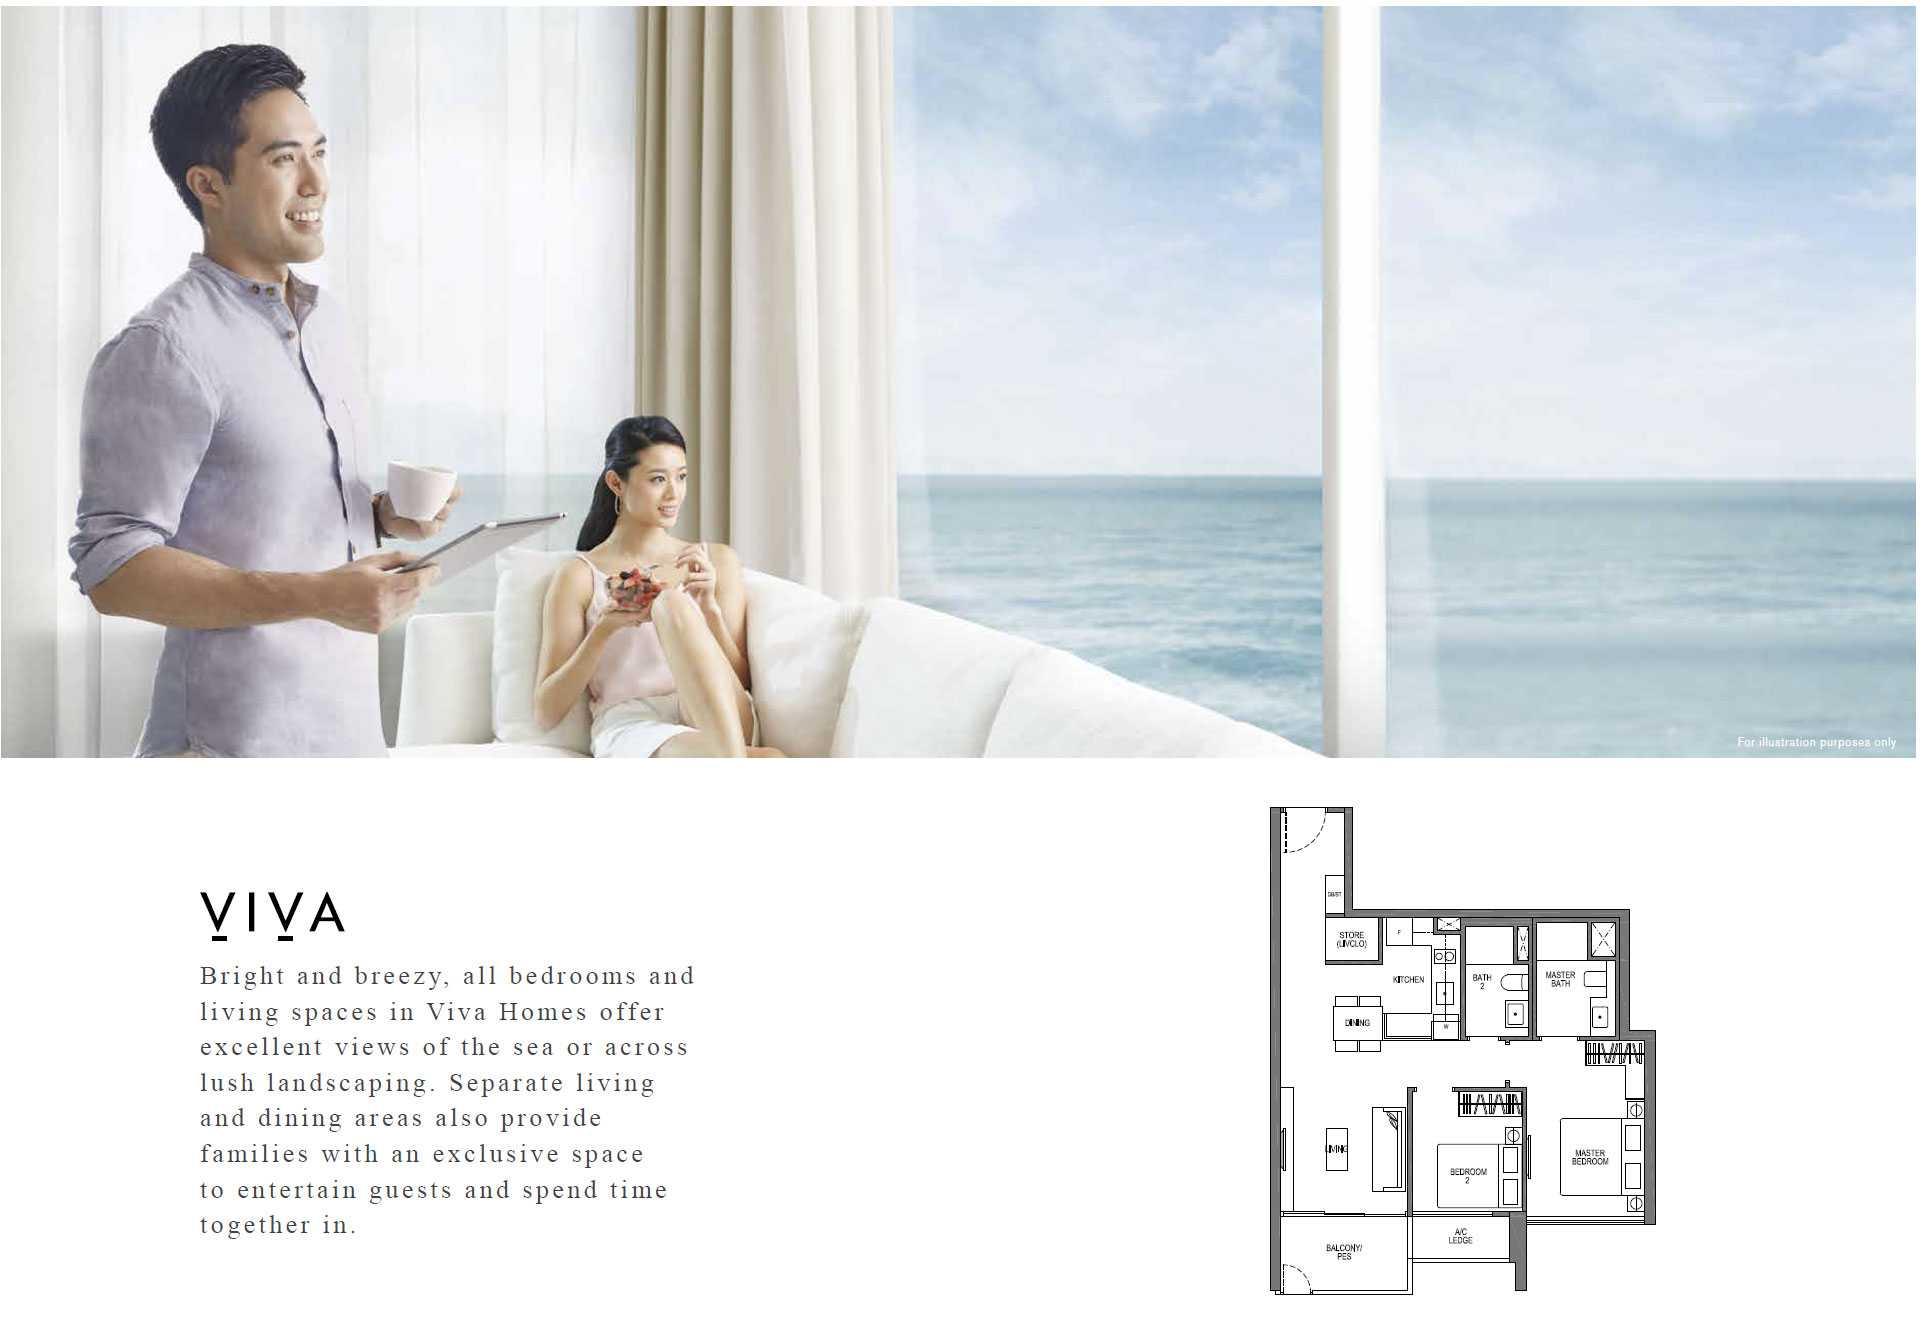 seaside-residences-viva